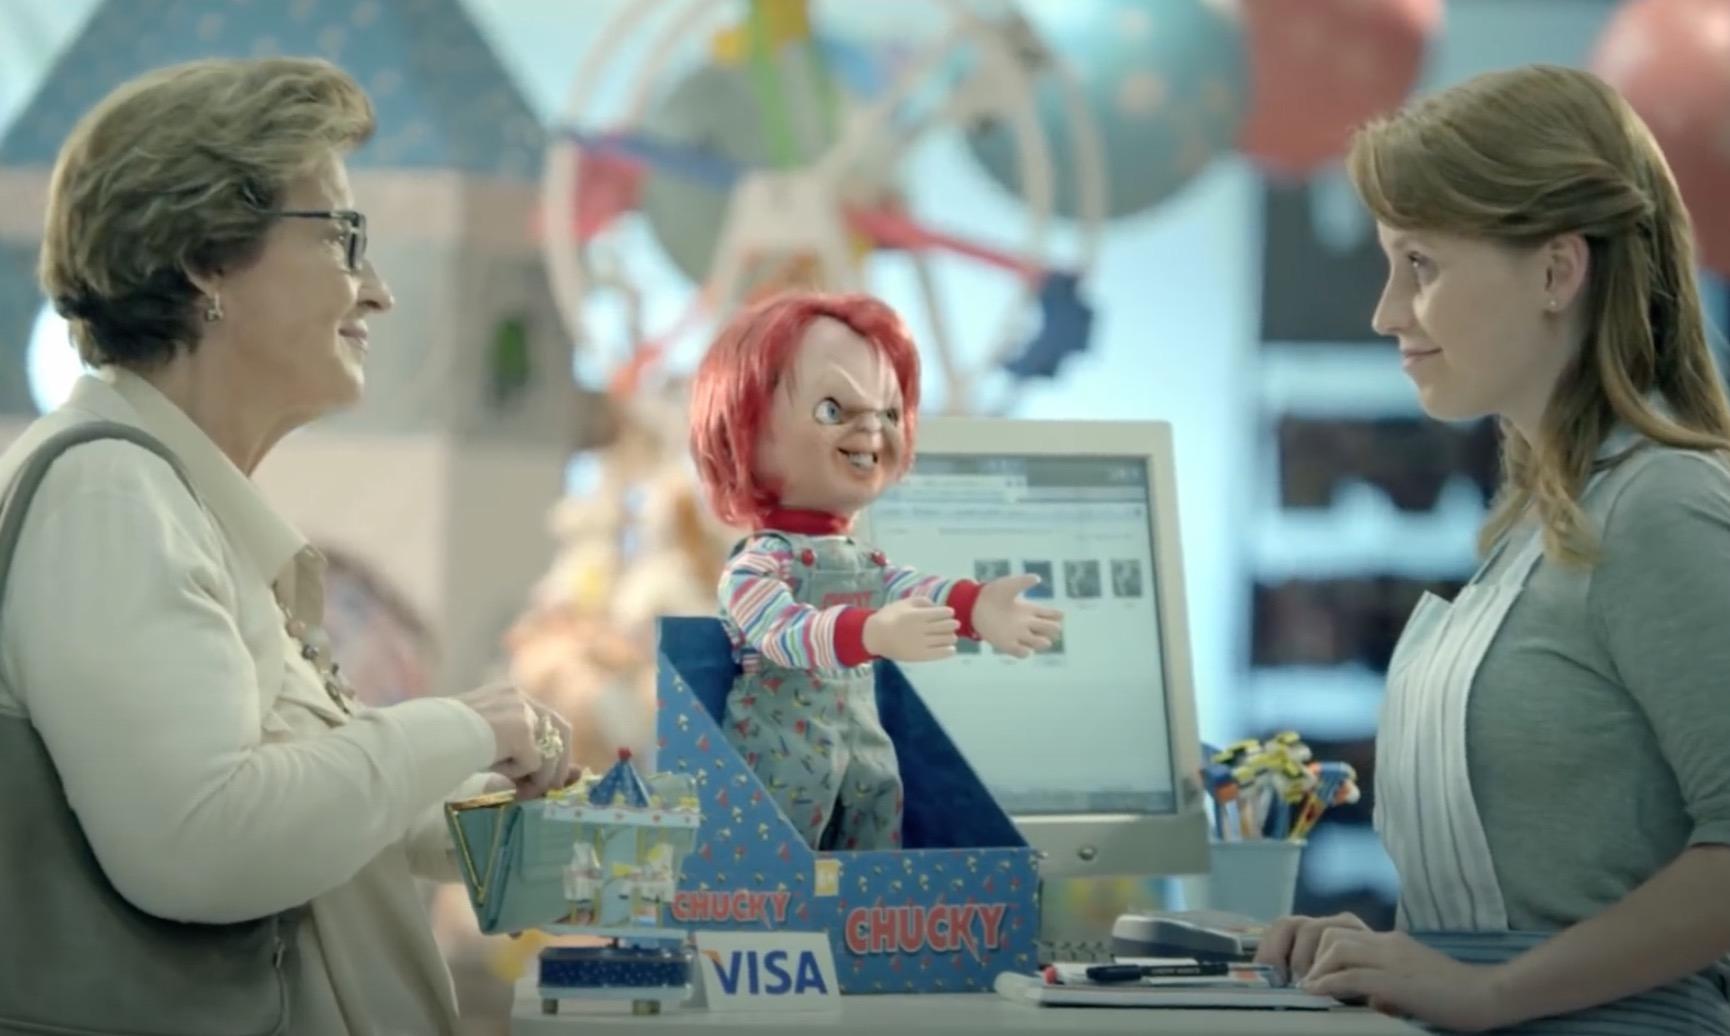 Campanhas publicitárias fazem uso de personagens de filmes de terror